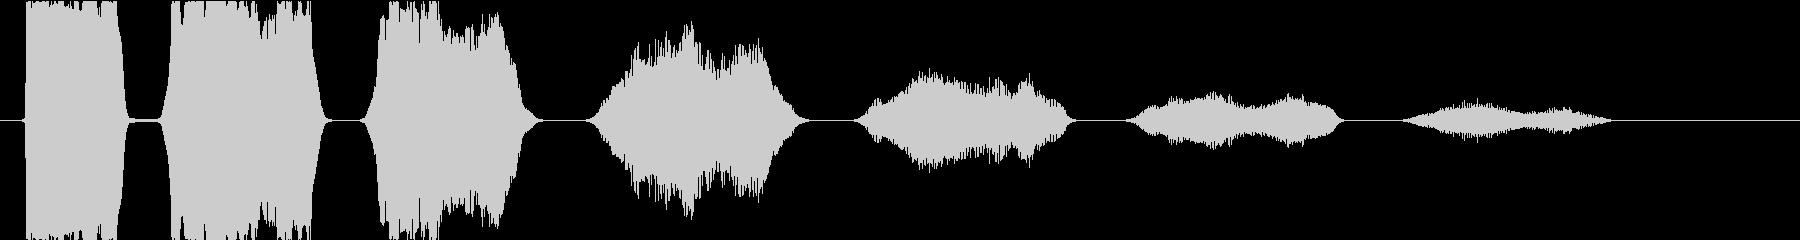 ゲームオーバー:減少していく失敗の音3の未再生の波形